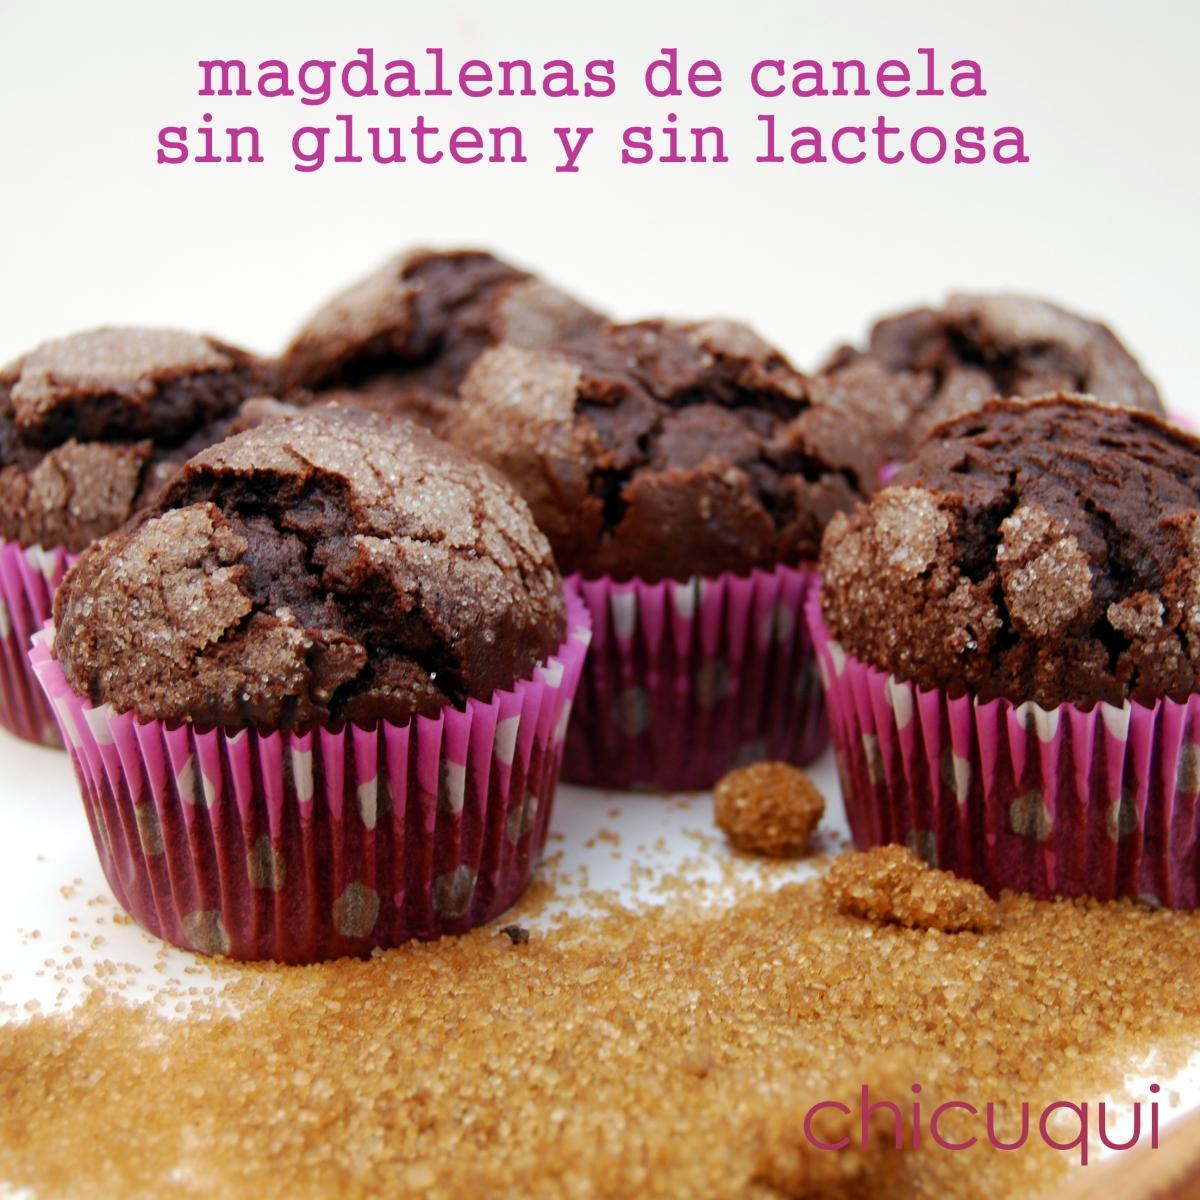 Magdalenas de canela sin gluten, sin lactosa y buenísimas!